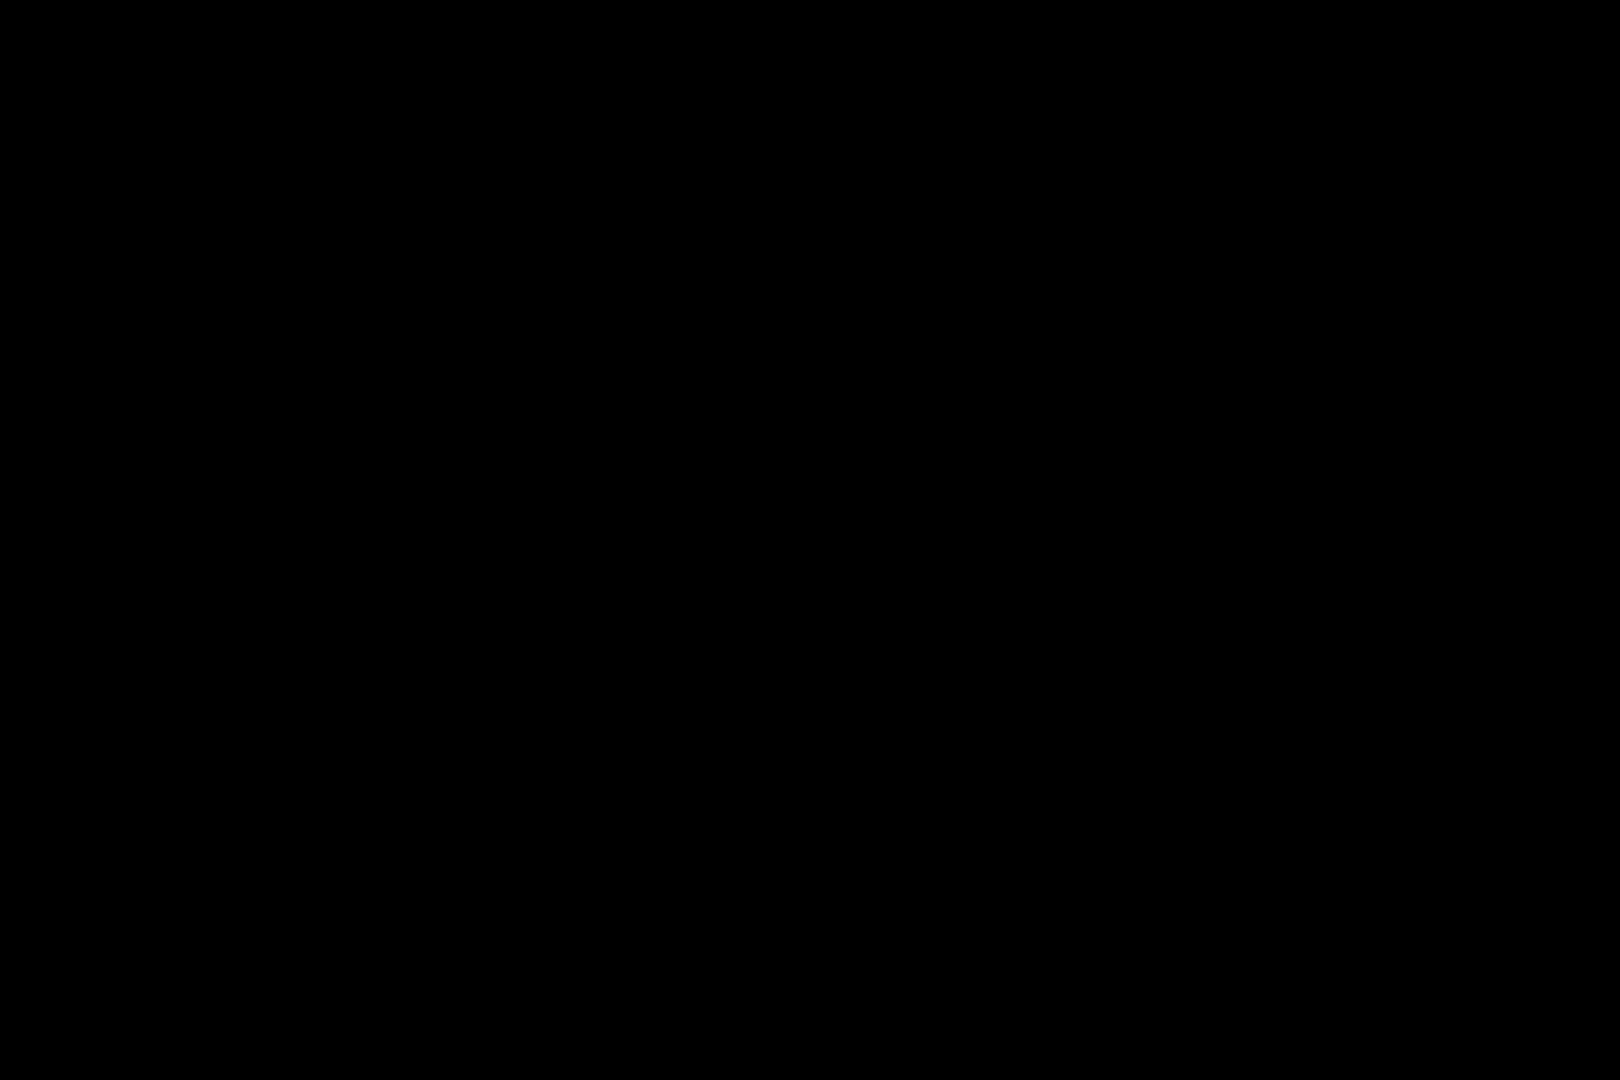 充血監督の深夜の運動会Vol.14 カーセックス 濡れ場動画紹介 106PICs 11